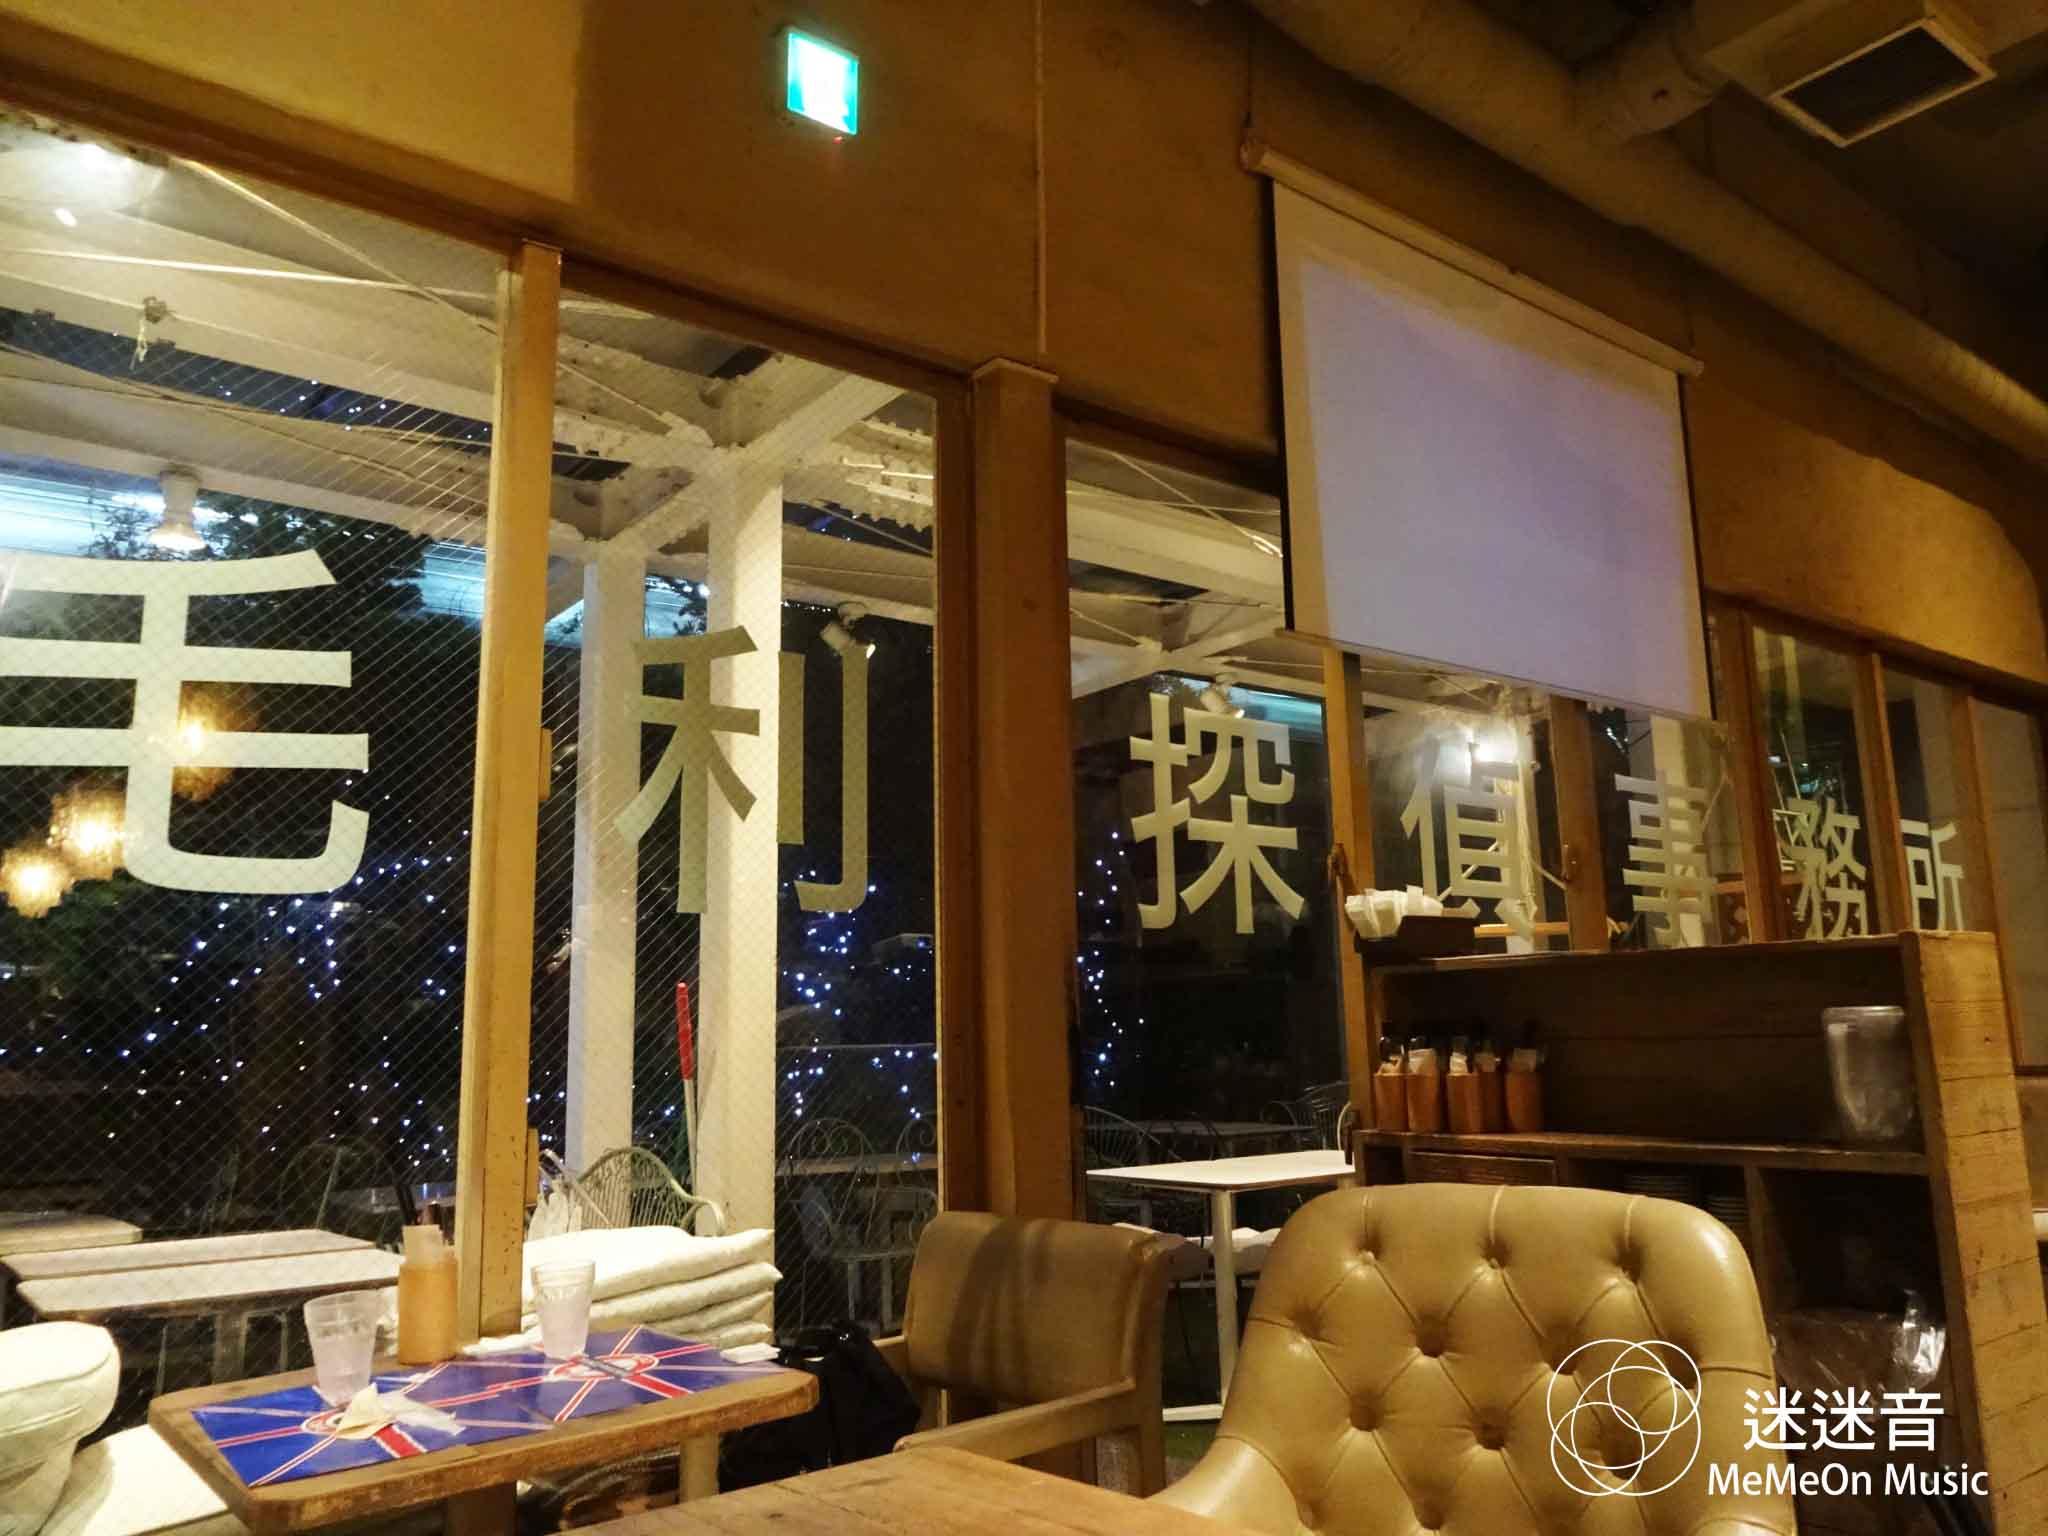 澀谷柯南_4992